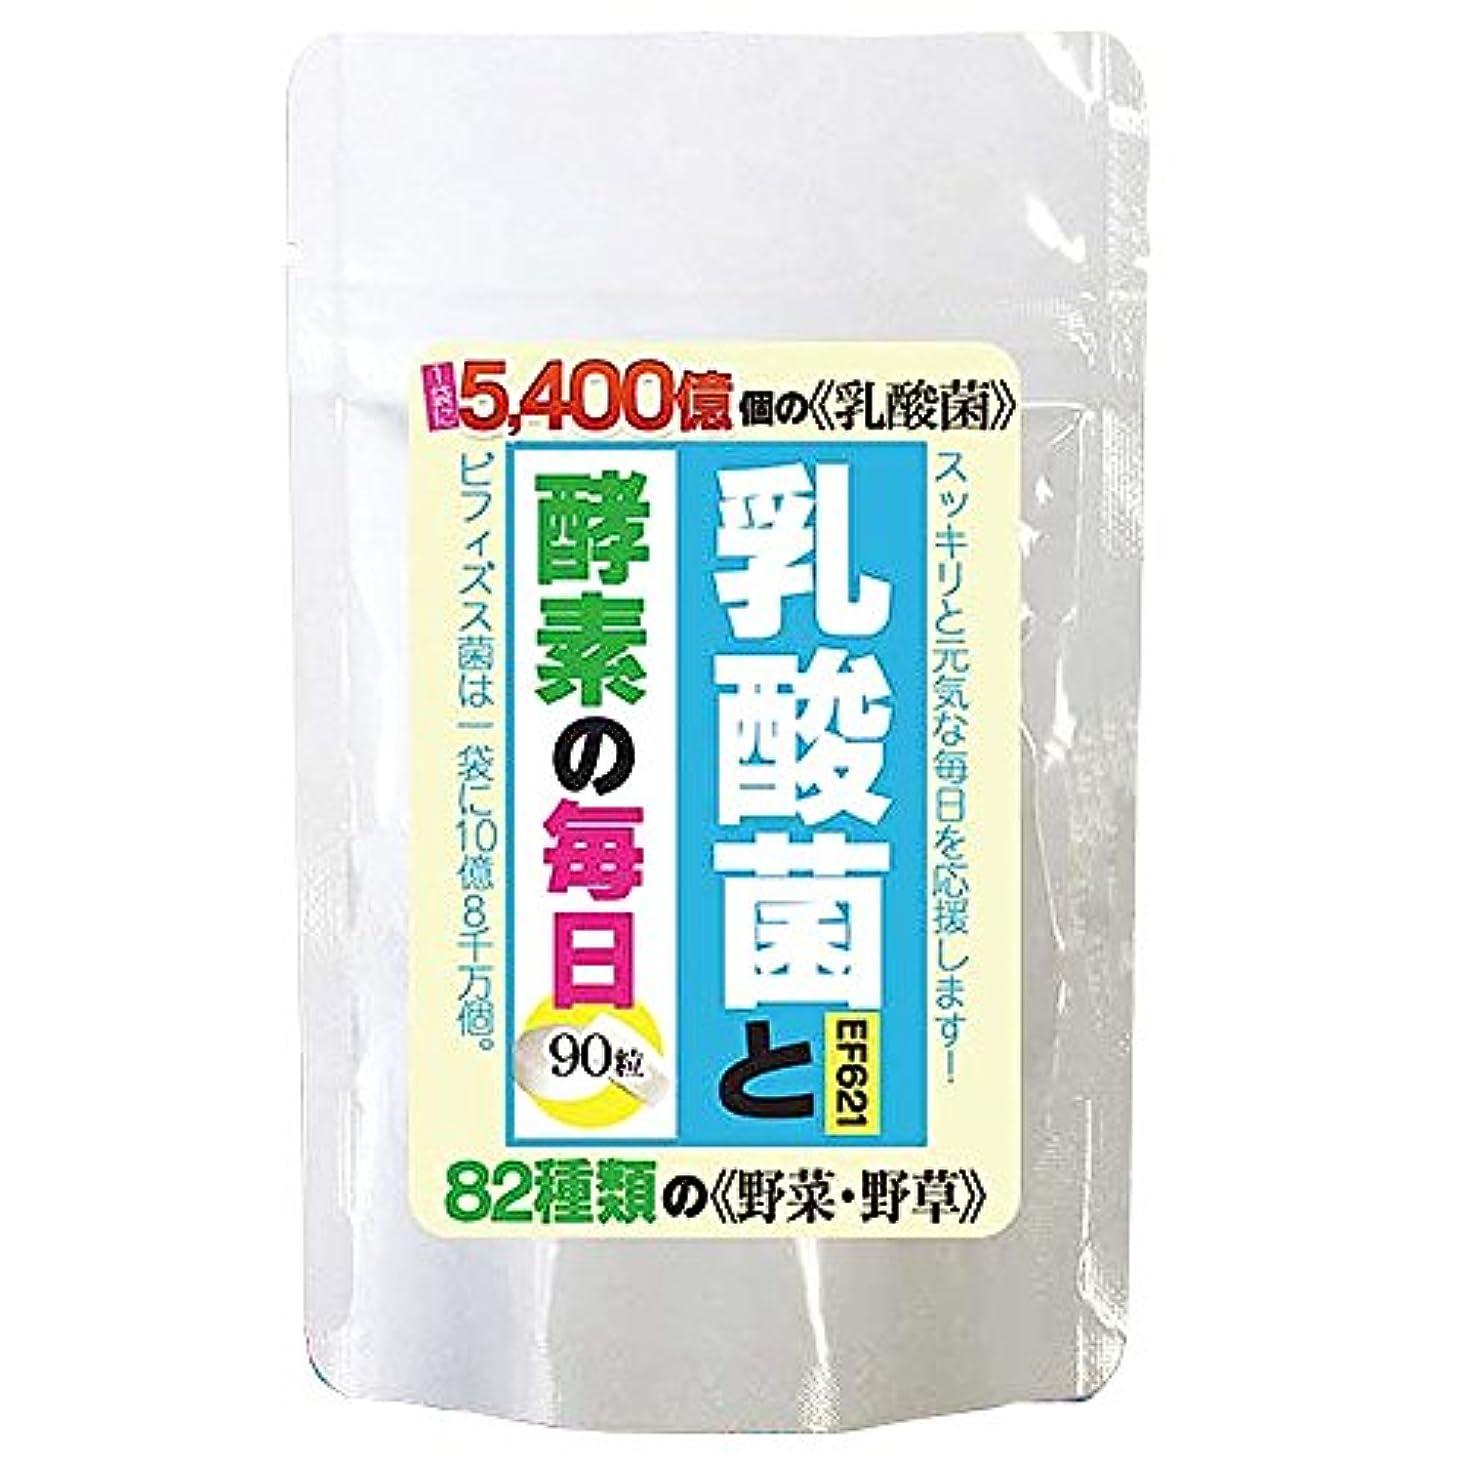 マンモス代数風味北日本科学 乳酸菌と酵素の毎日 300mg×90粒